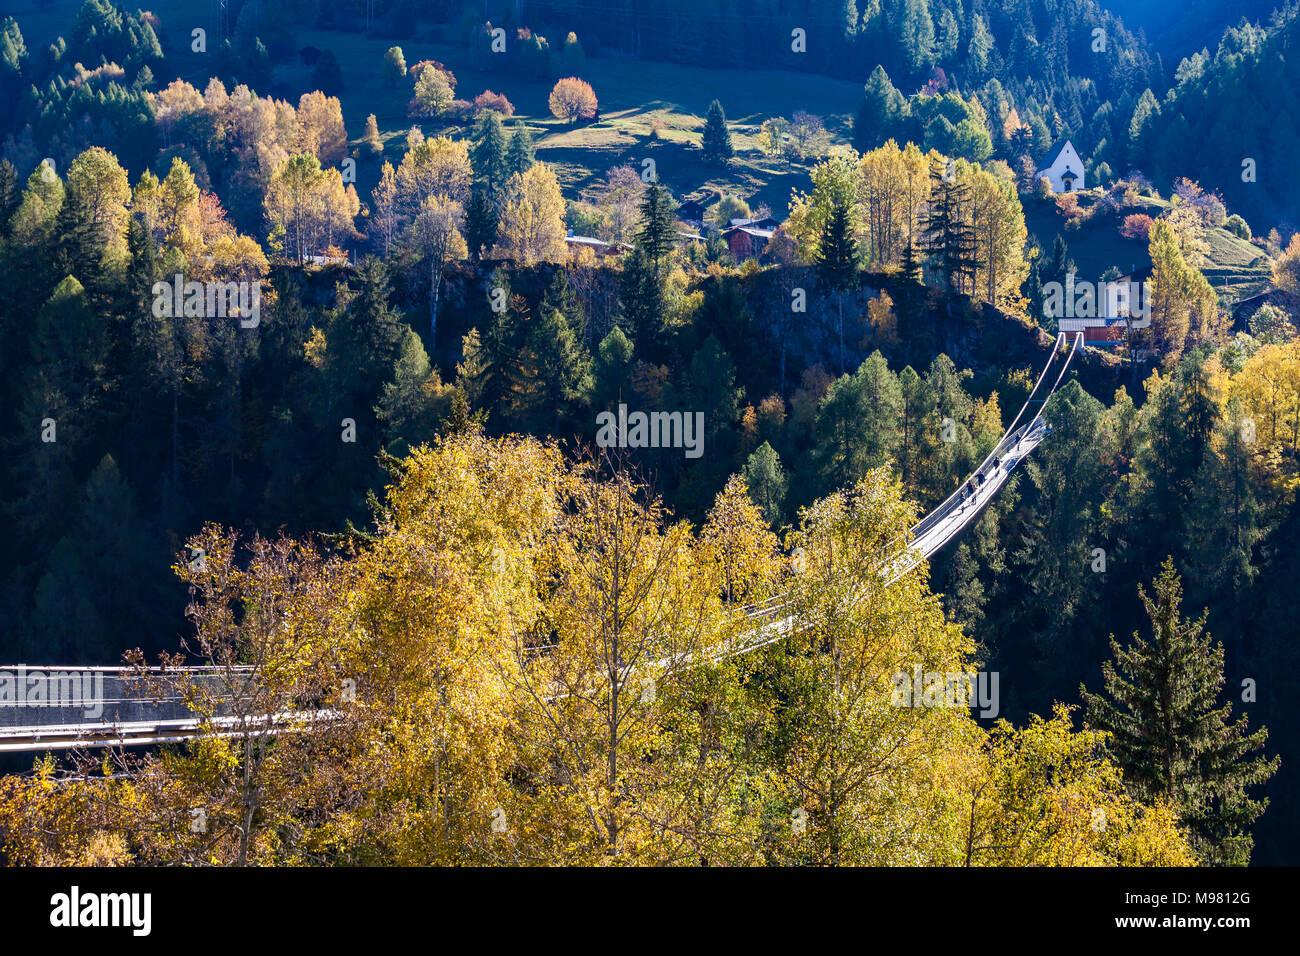 Schweiz, Kanton Wallis, Goms, bei Bellwald, Goms Bridge über Lamma-Schlucht, Hängebrücke zwischen Fürgangen und Mühlebach, Fußgängerbrücke, Brücke, fr - Stock Image